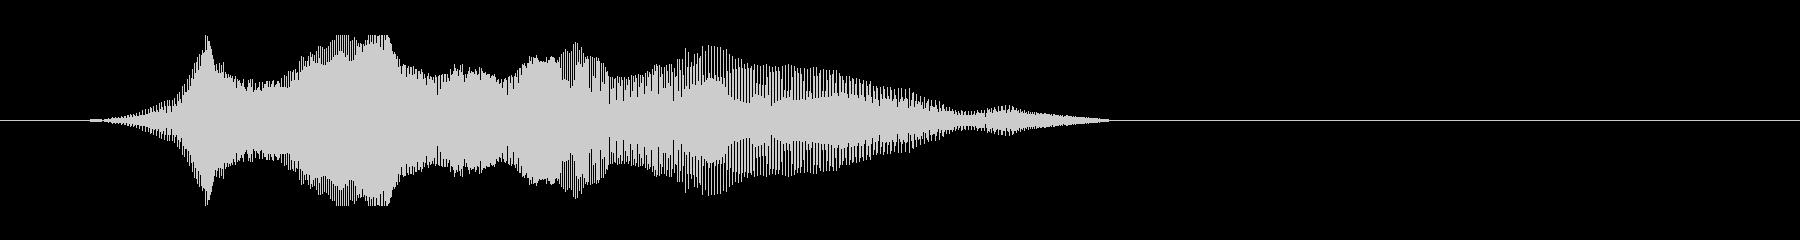 1 (男の子) わ~お!の未再生の波形